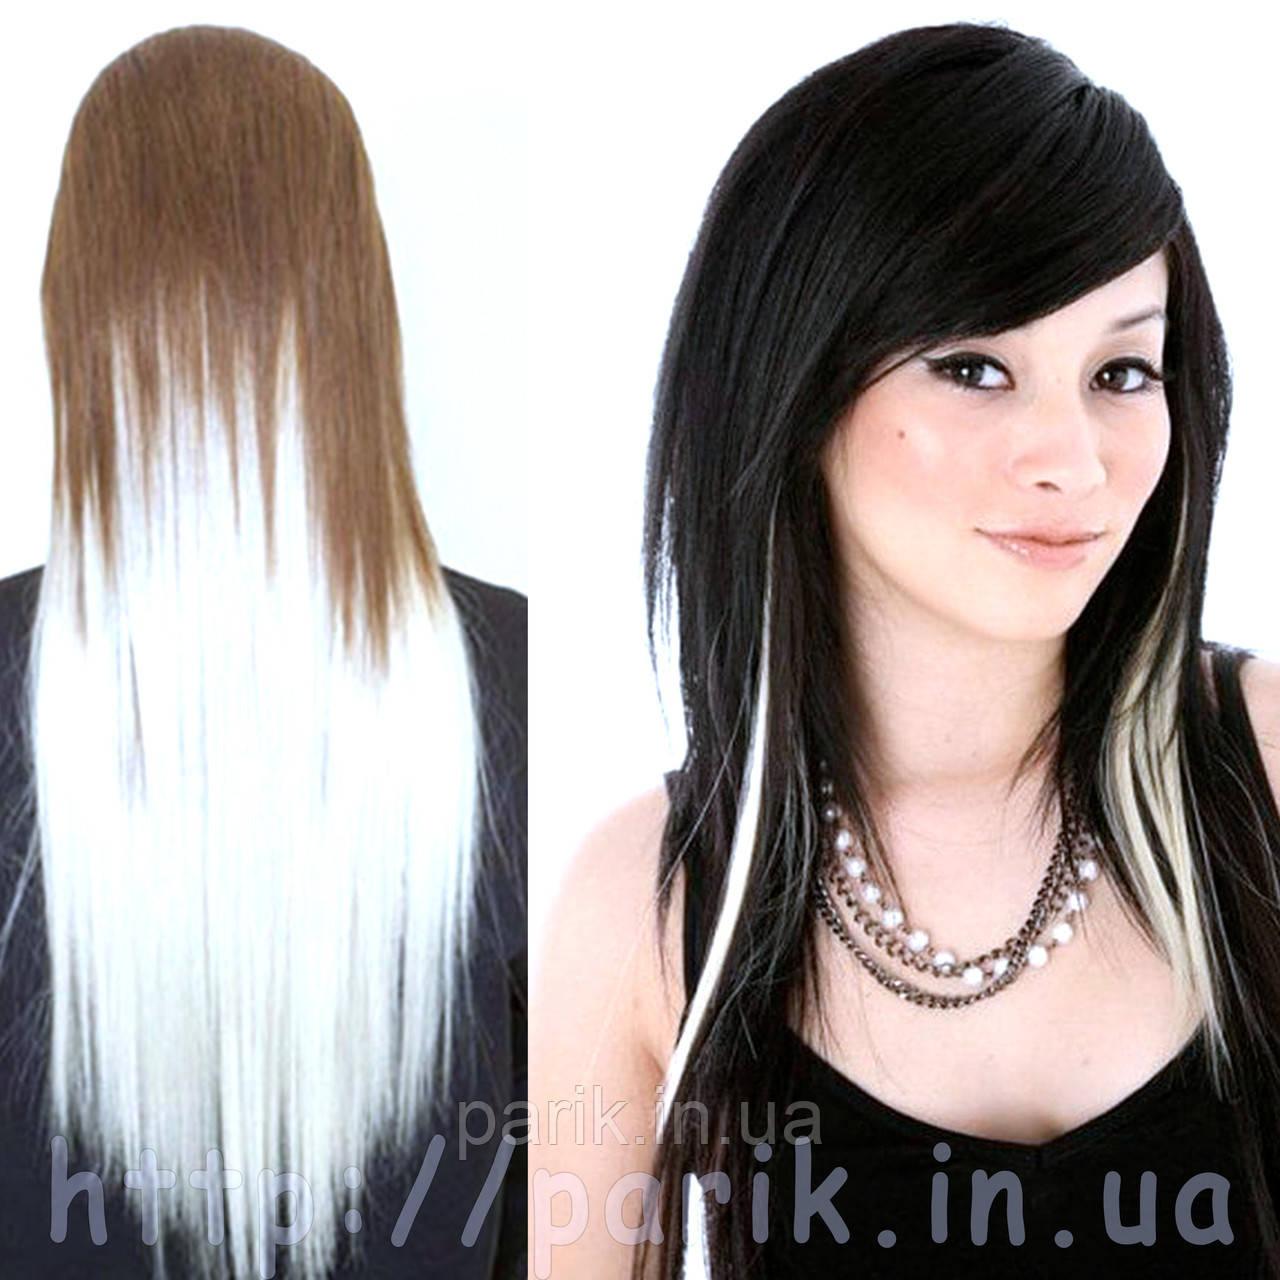 🍦 Белые как снег волосы на заколках клипсах 🍦